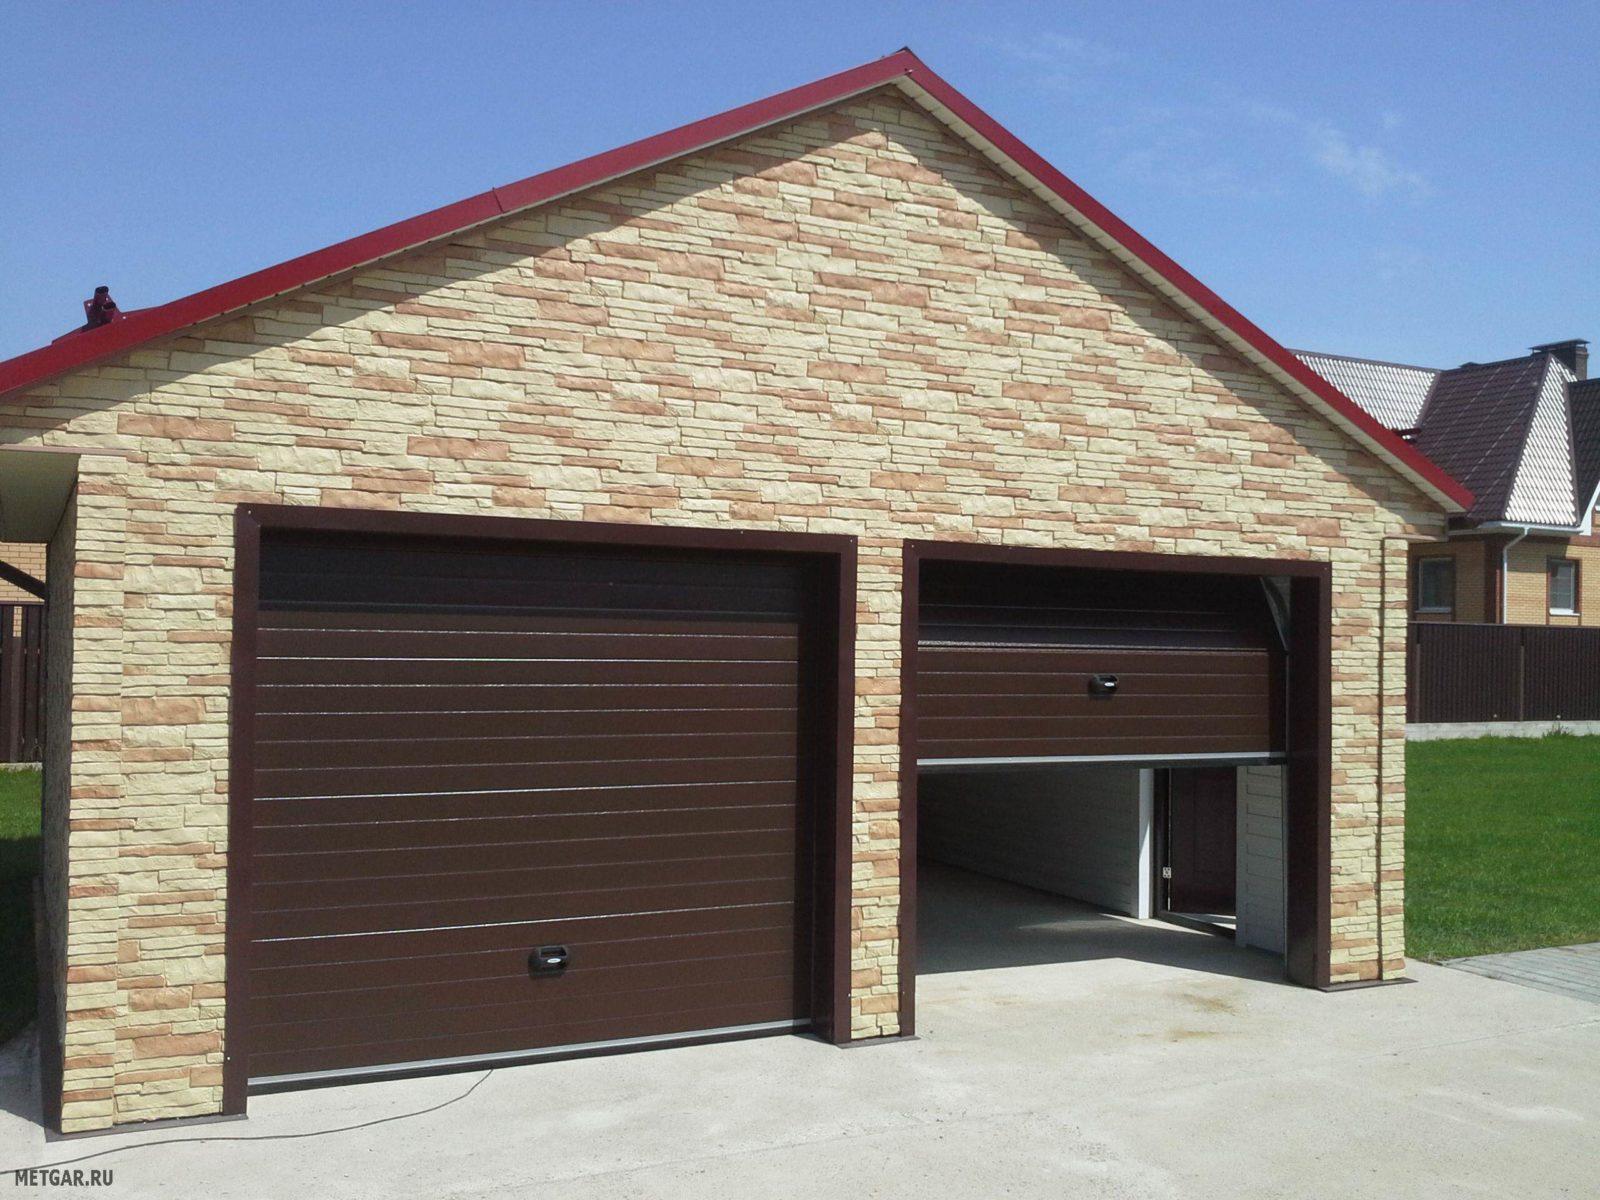 [:ua]Кошторис на будівництво гаража[:ru]Смета на строительство гаража[:]